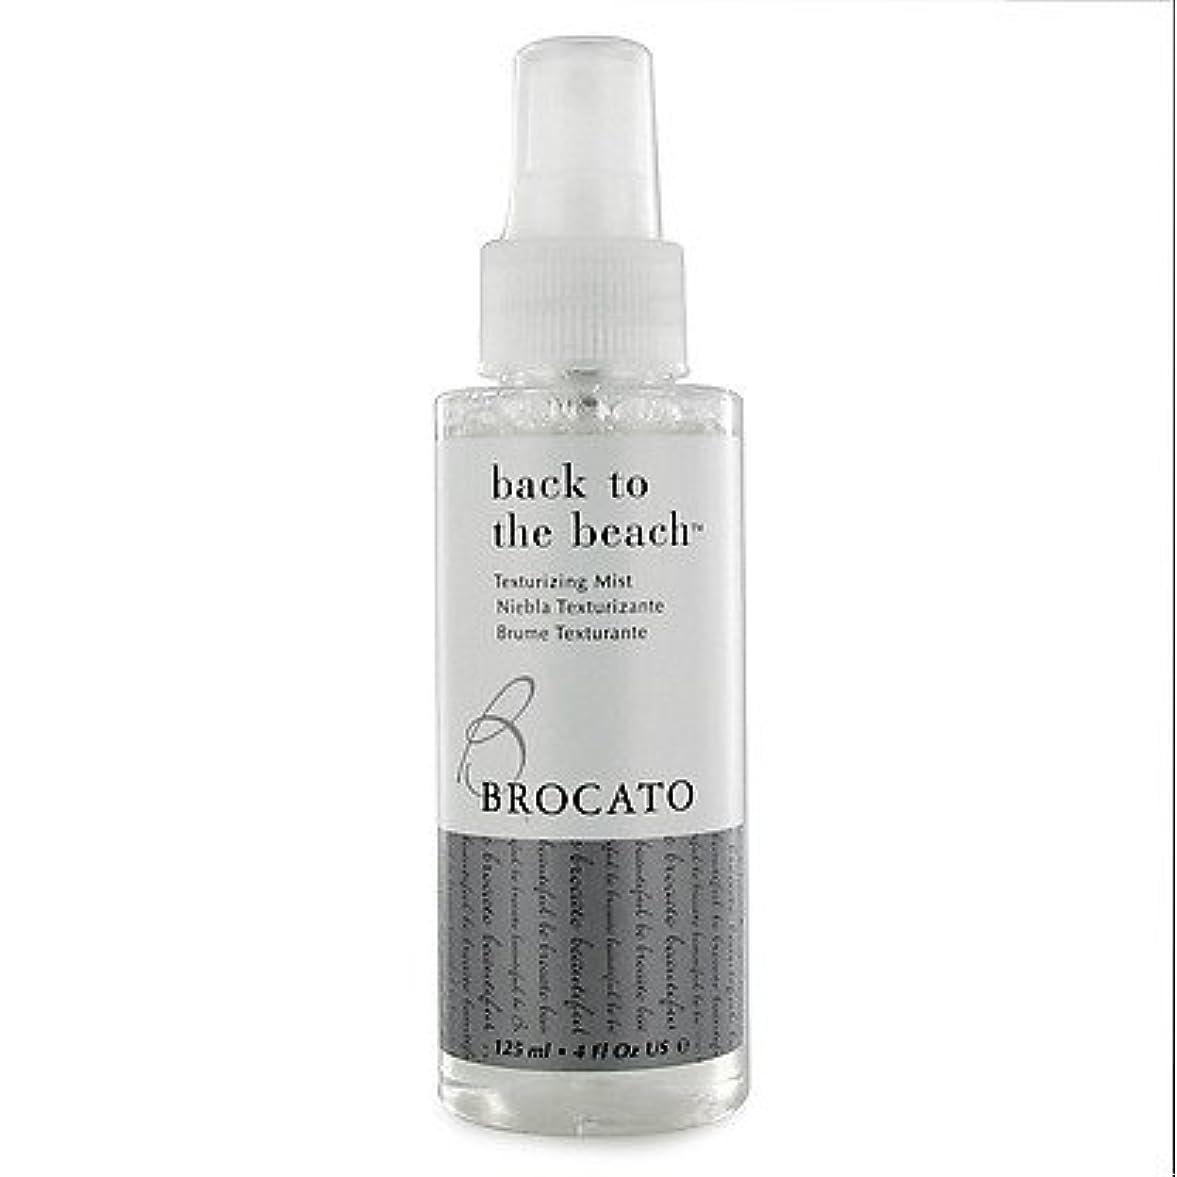 もちろんまどろみのある証言するBrocato 戻るBeautopia髪でビーチテクスチャーミスト:テクスチャ&ボリュームヘアスタイリングは、女性のためのスプレー - 4オンス 各